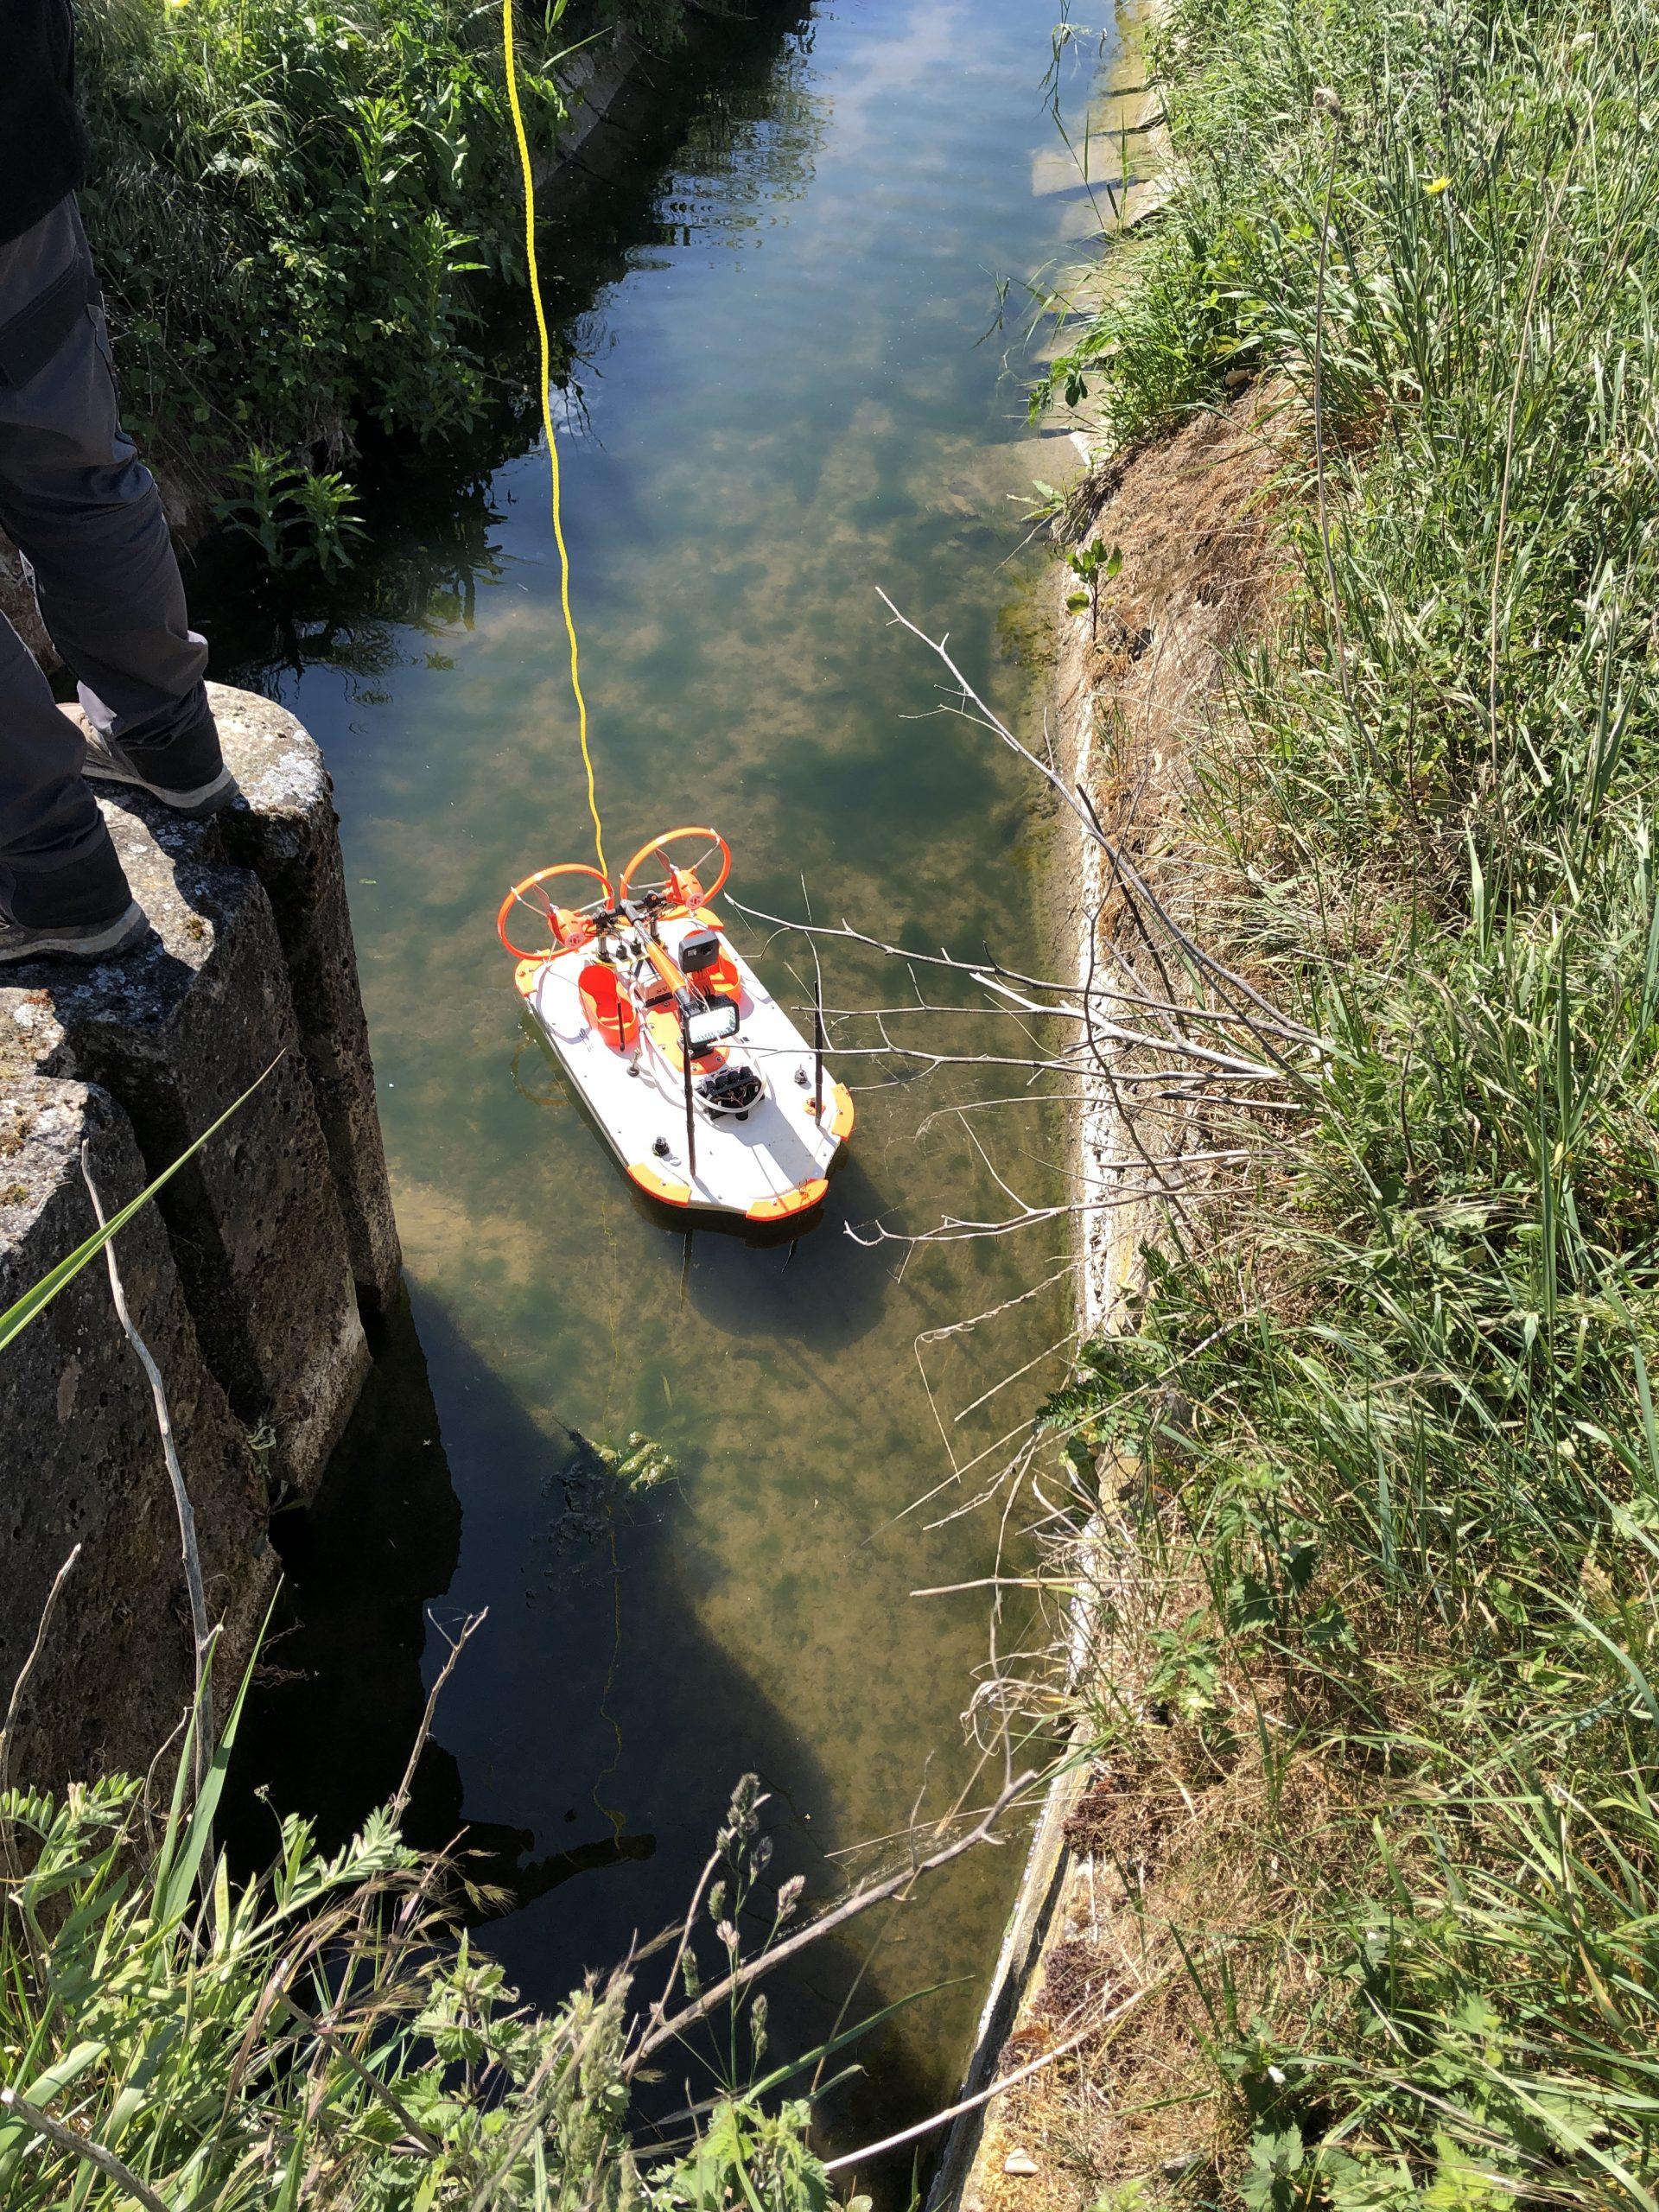 inspection-canalisation-par-drone-aquatique